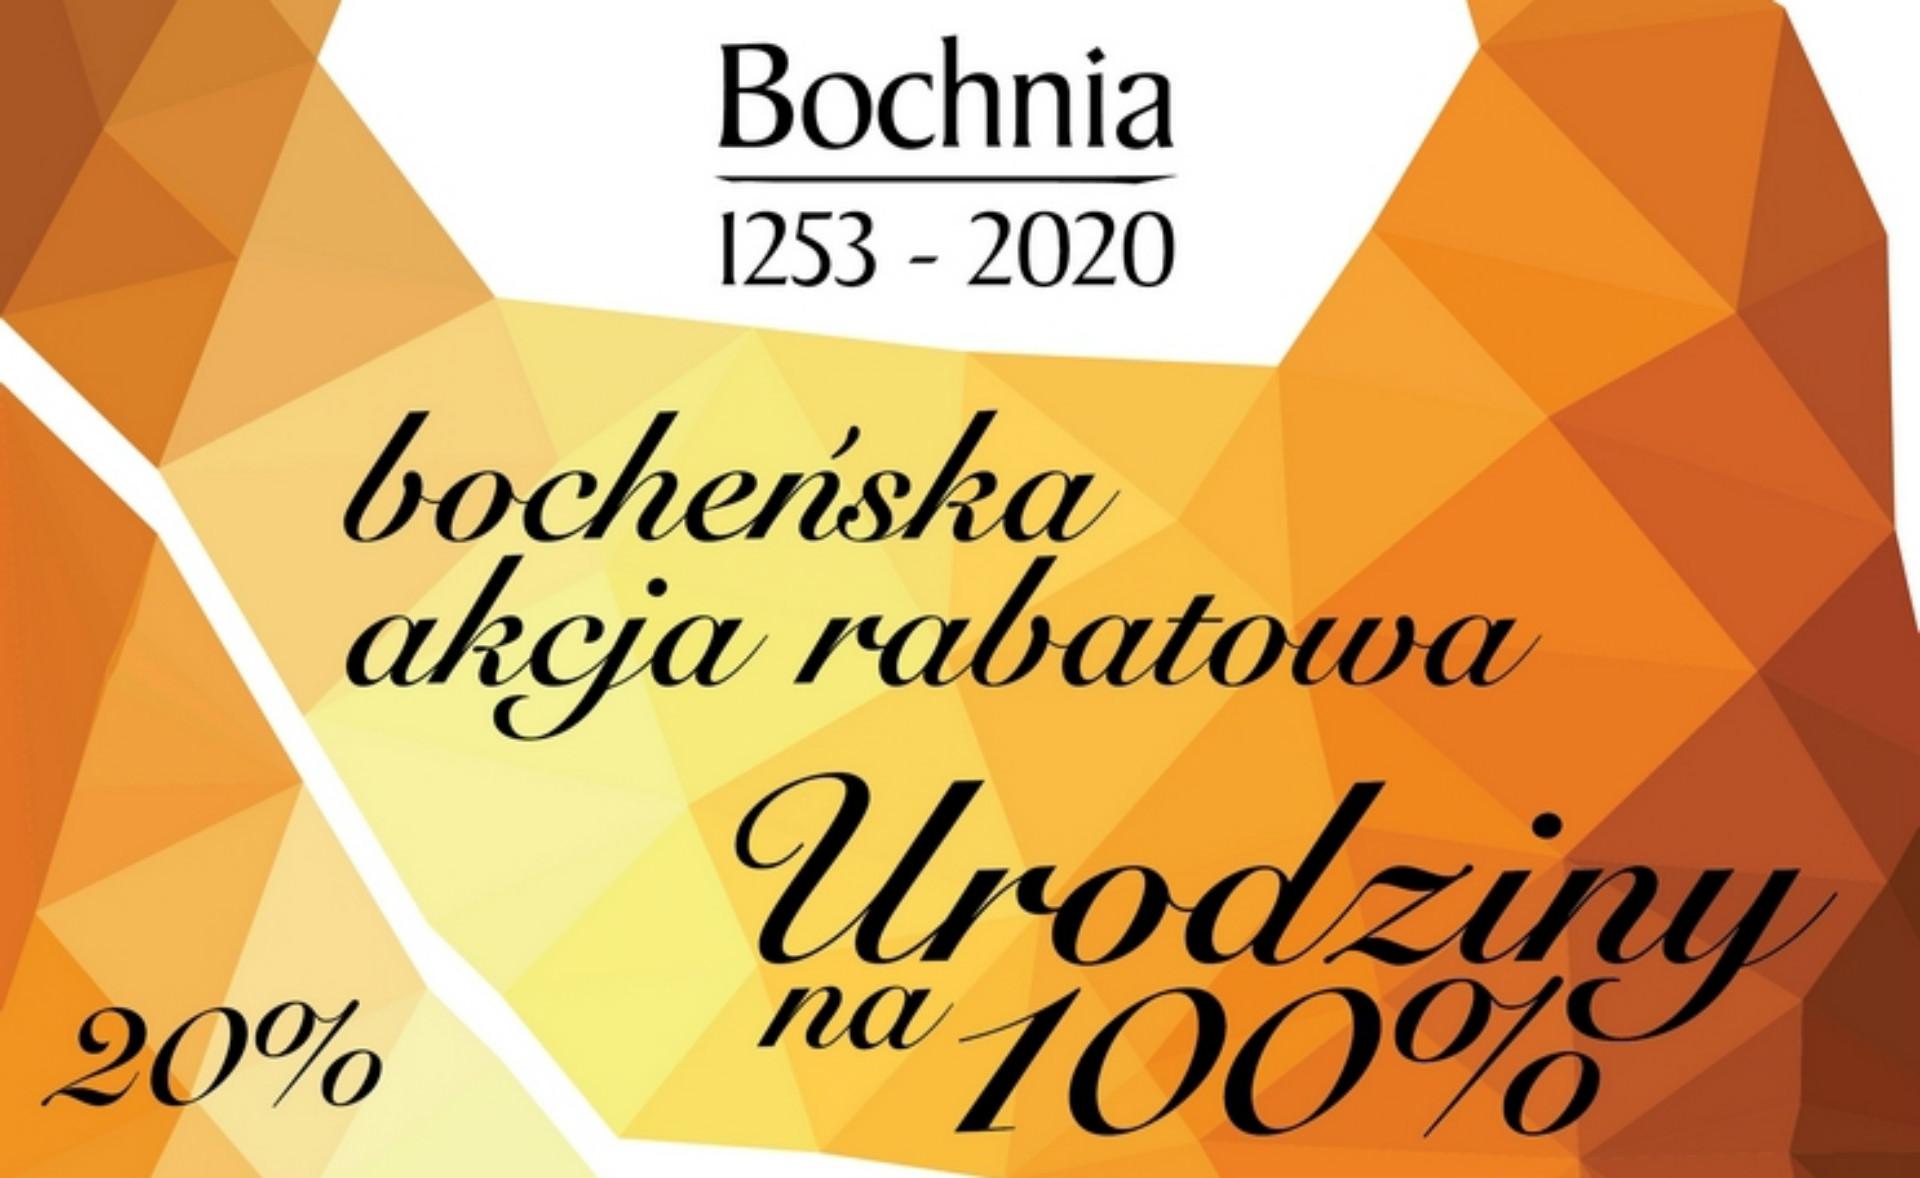 Bocheńska Akcja Rabatowa – 20 % rabatu na pływalni